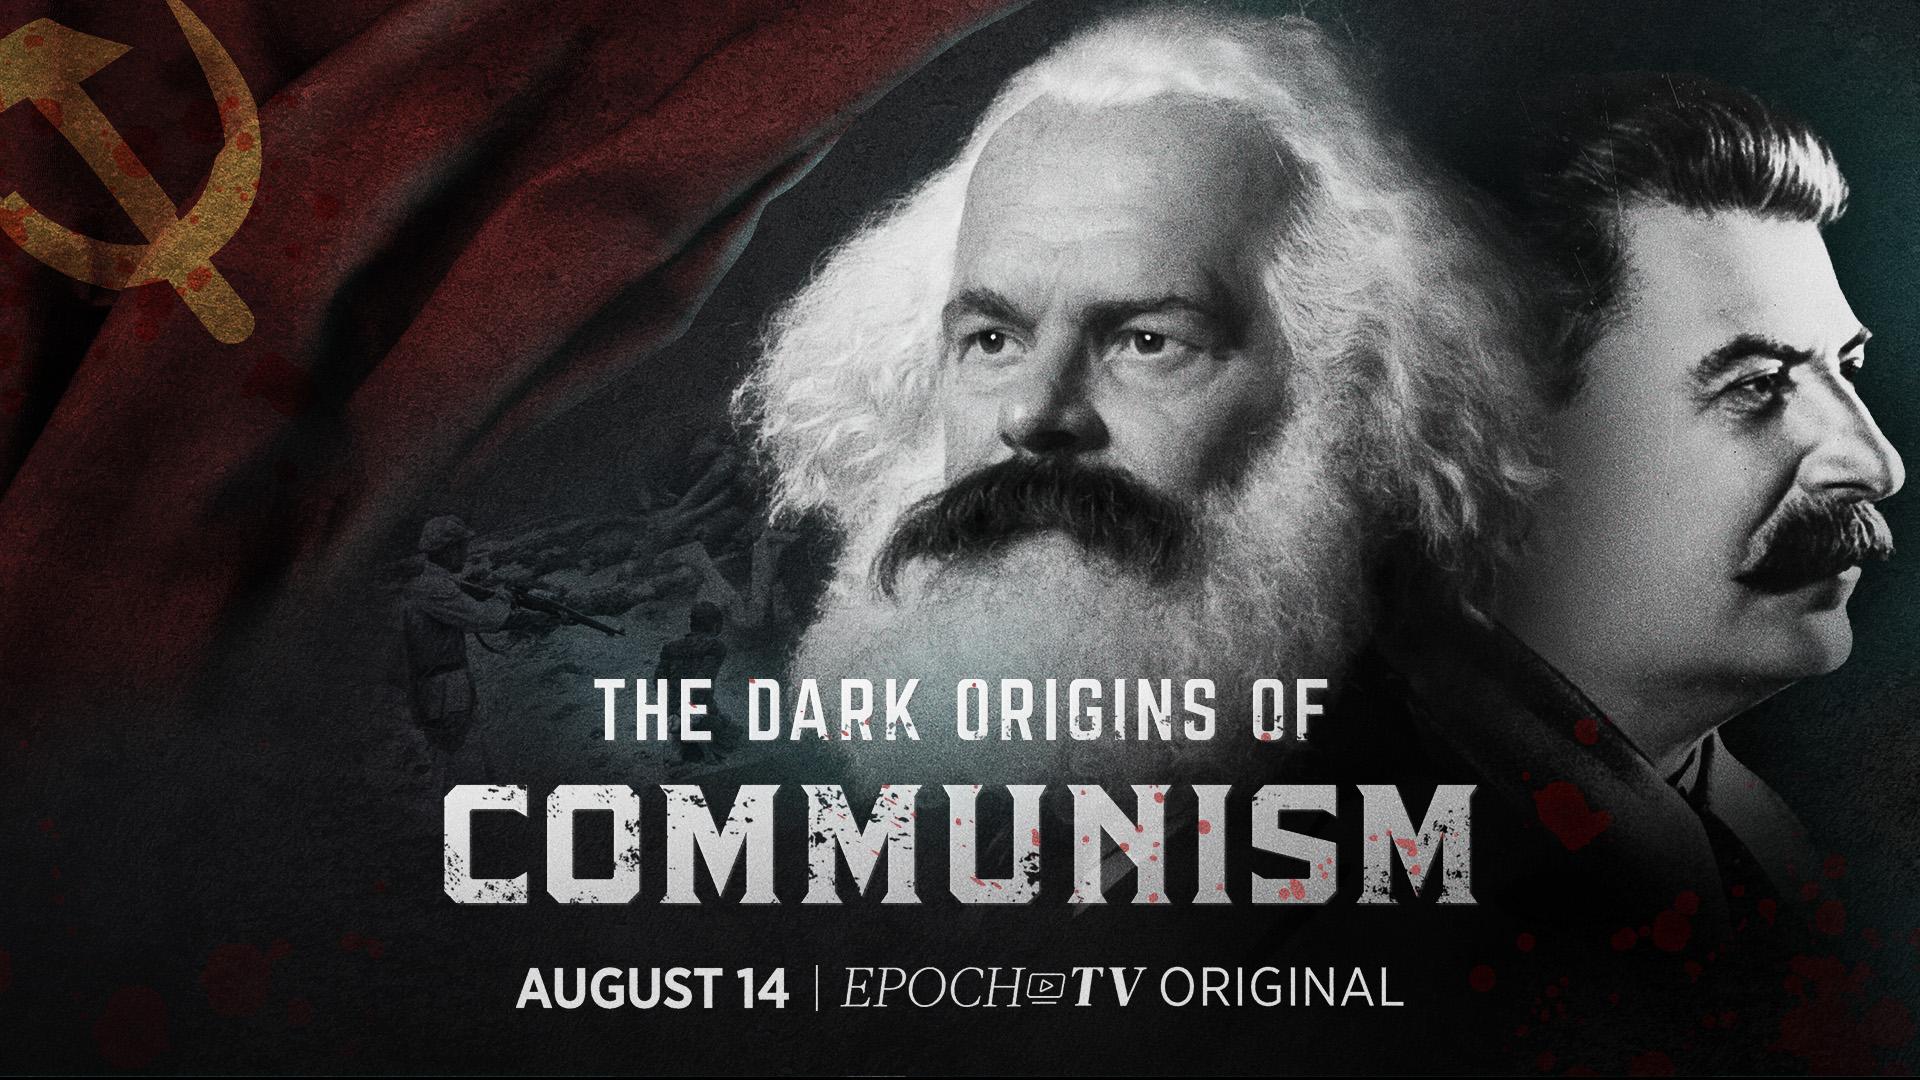 The Dark Origins of Communism